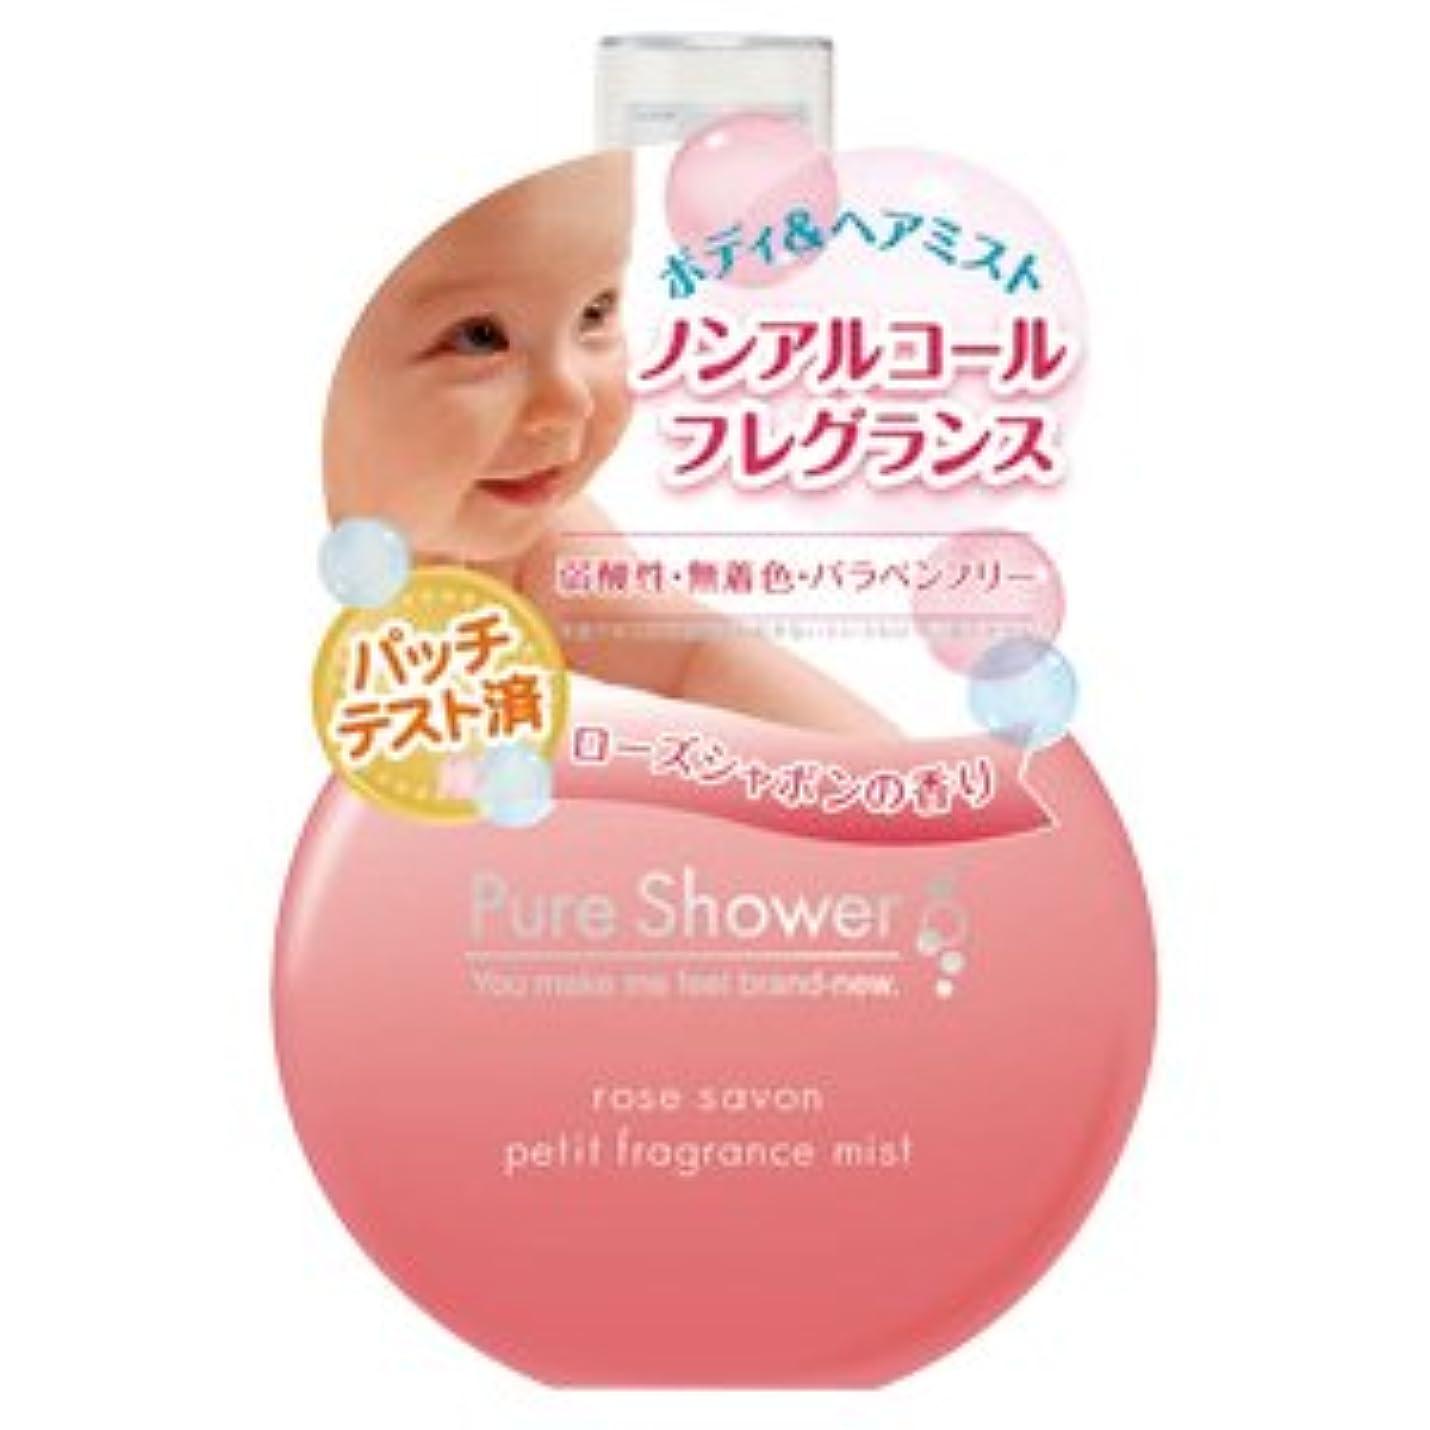 タイピスト不安案件ピュアシャワー Pure Shower ノンアルコール フレグランスミスト ローズシャボン 50ml